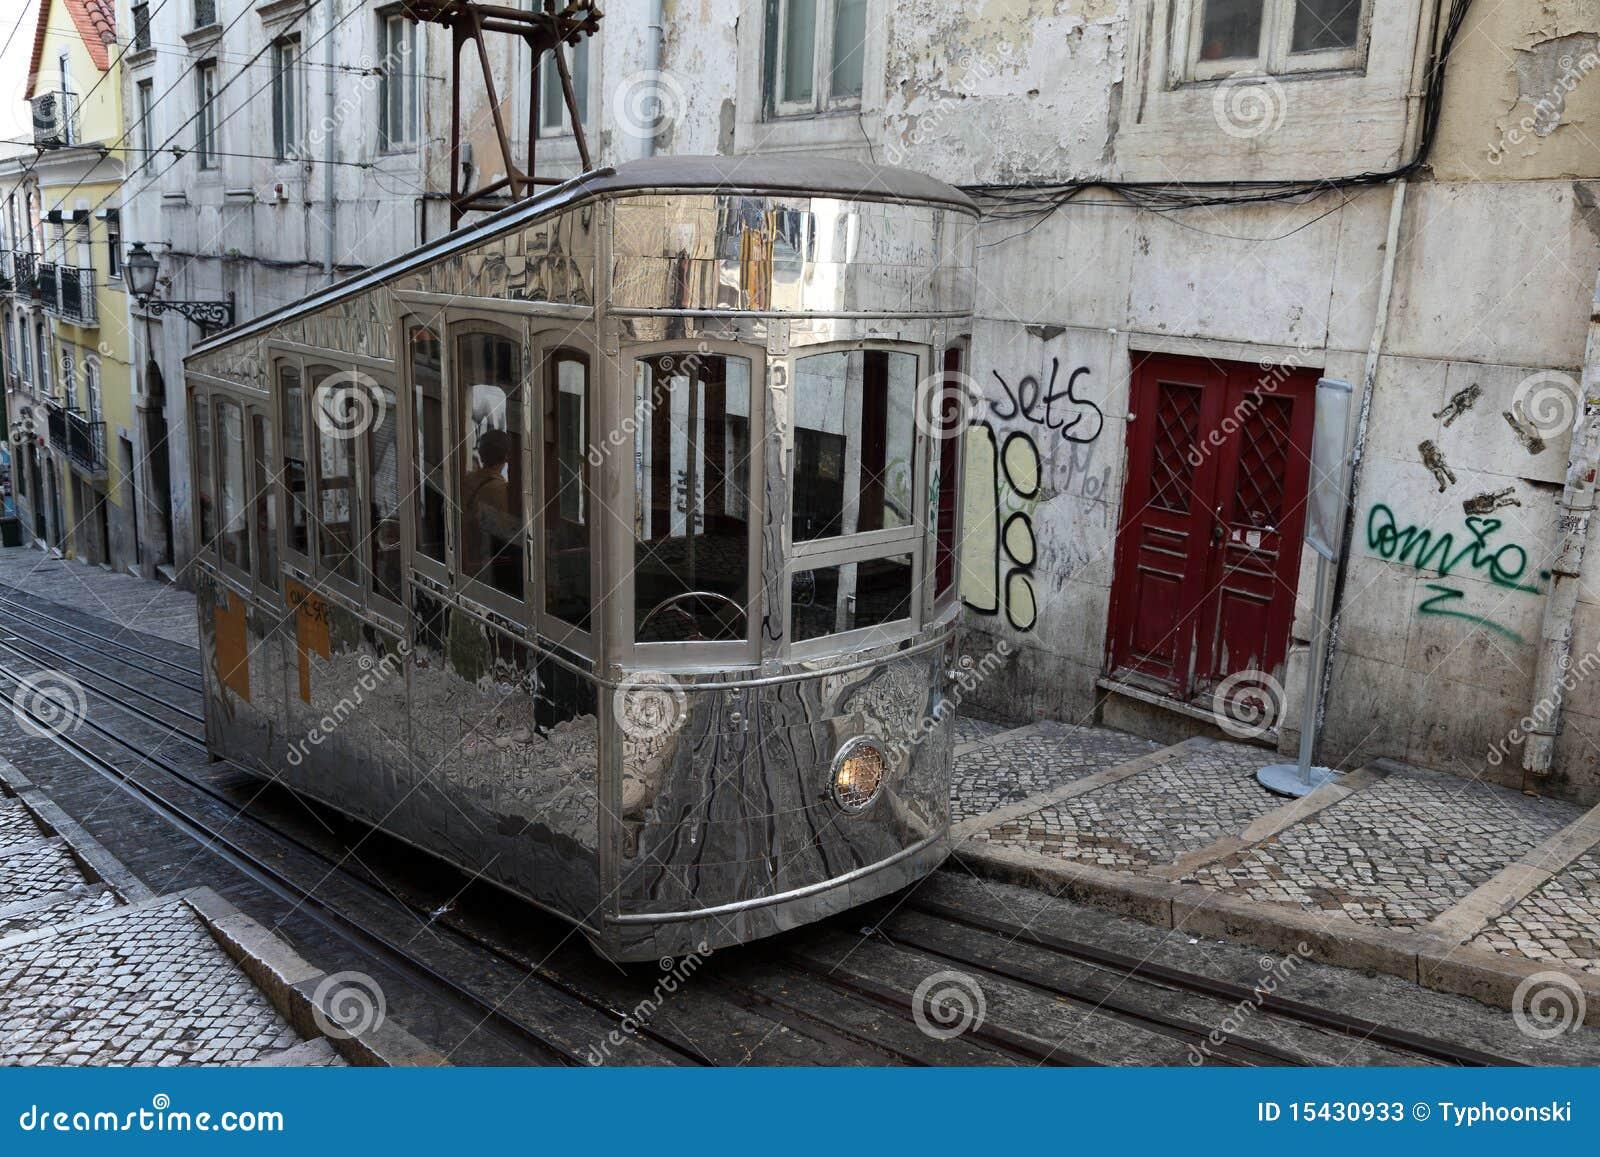 Vecchia cabina di funivia a lisbona portogallo fotografie for Animali domestici della cabina di nashville